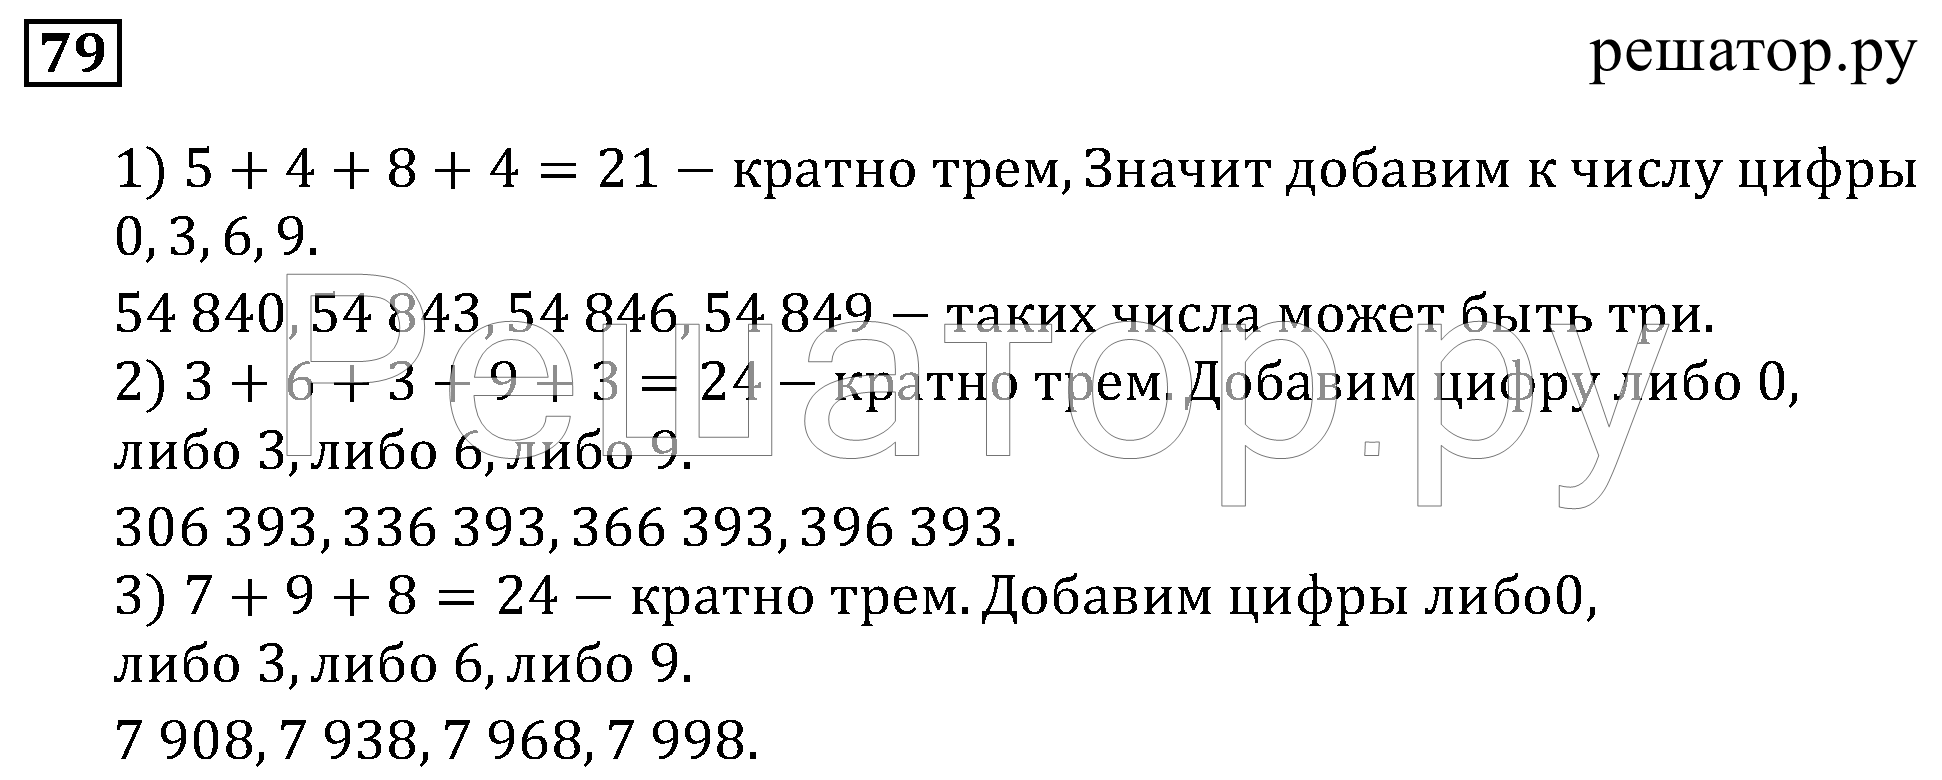 Гдз математике 6 класс мерзляк полонский якир